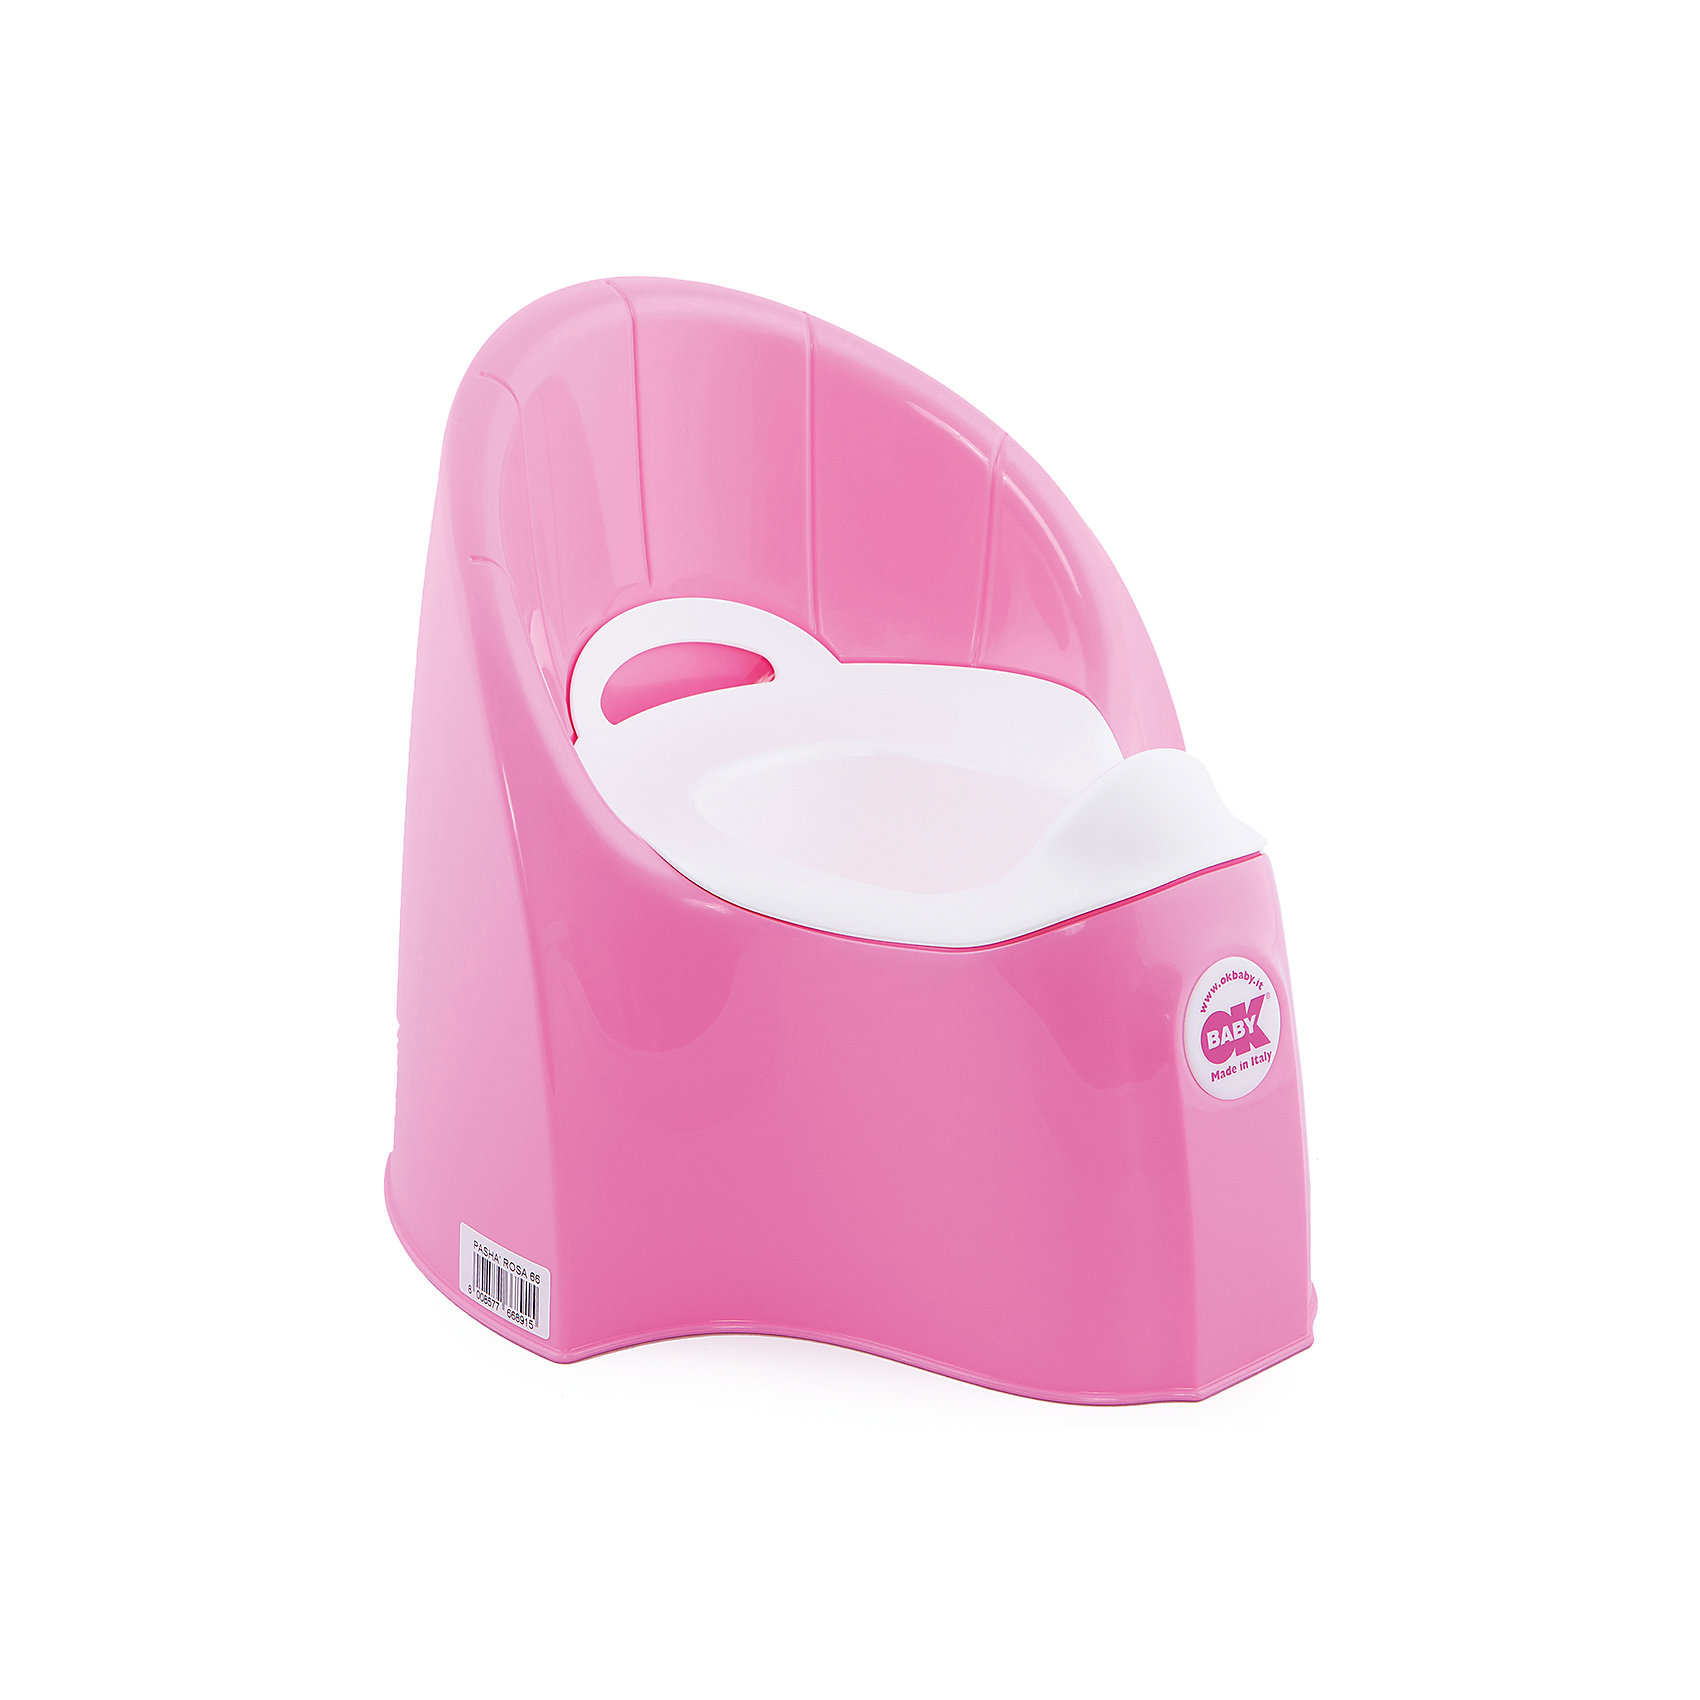 Горшок Pasha, Ok Baby, розовыйГоршок имеет анатомическое сиденье и съемную емкость для удобной очистки. Яркий горшок со спинкой обязательно понравится ребенку и обеспечит ему максимальный комфорт, что является важным фактором в приучении ребенка к туалету. Изделие выполнено из высококачественного прочного пластика, для большей устойчивости оснащено антискользящей накладкой внизу.  <br><br>Дополнительная информация:<br><br>- Материал: пластик.<br>- Размер: 33,5 x 36,5 x 31 см.<br>- Съемная ёмкость.<br>- Удобная спинка.<br><br>Горшок Pasha, Ok Baby, розовый, можно купить в нашем магазине.<br><br>Ширина мм: 365<br>Глубина мм: 335<br>Высота мм: 310<br>Вес г: 2500<br>Возраст от месяцев: 6<br>Возраст до месяцев: 36<br>Пол: Унисекс<br>Возраст: Детский<br>SKU: 4443777